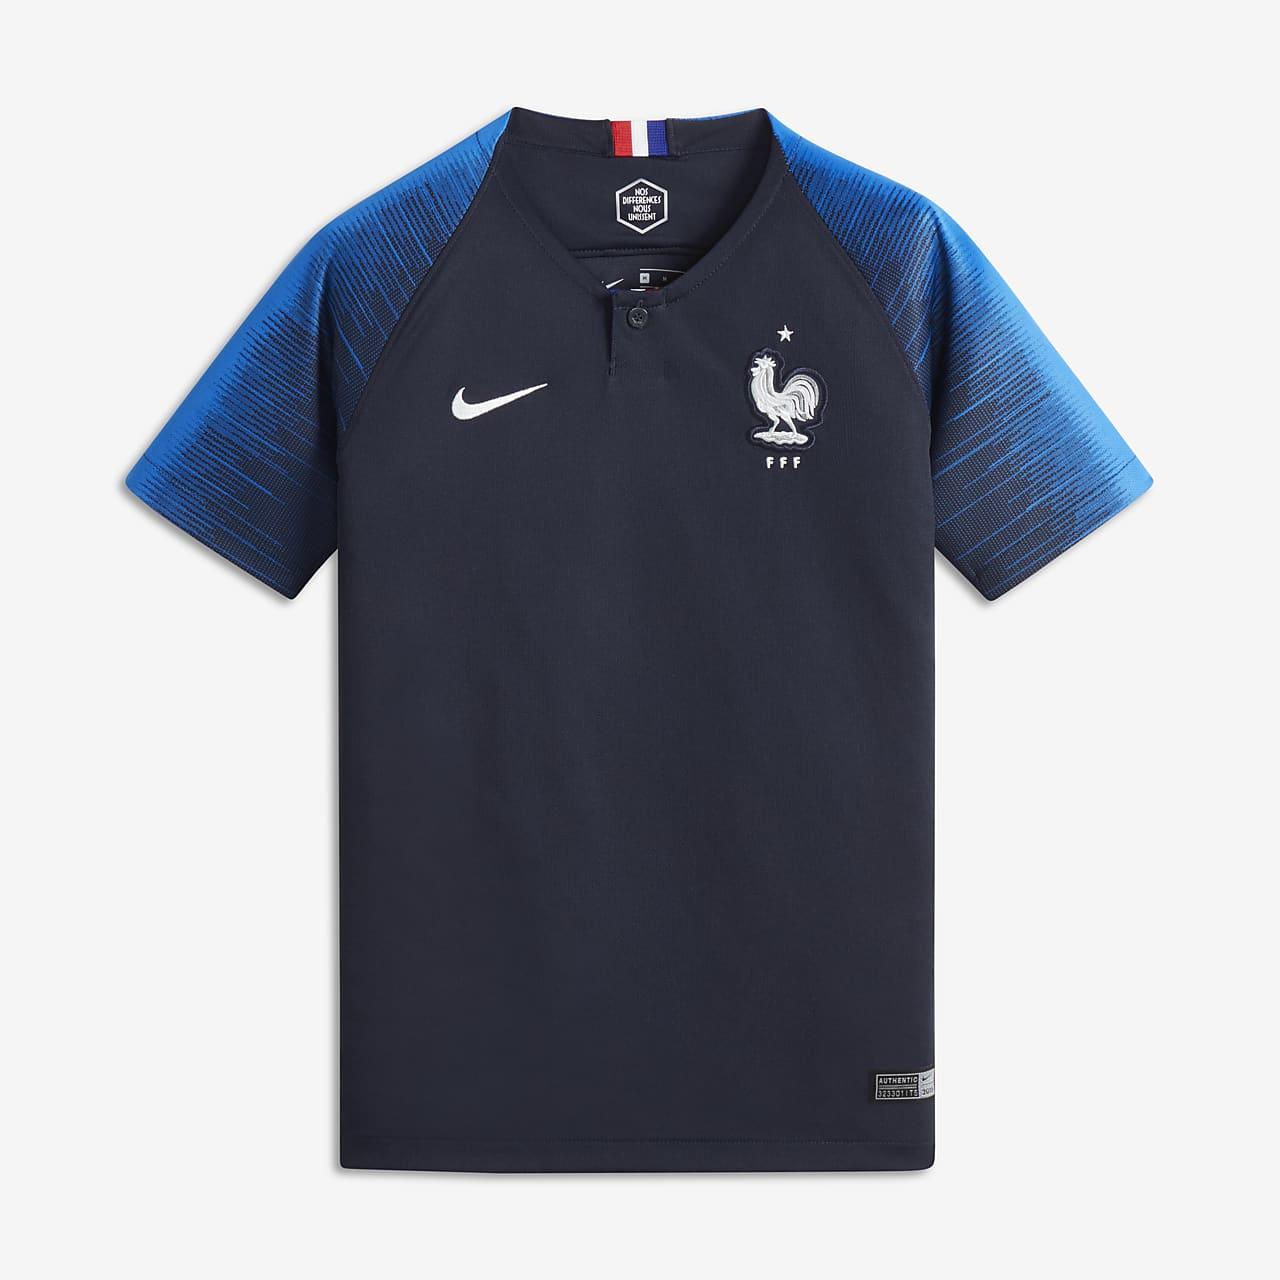 2018 FFF Stadium Home Older Kids' Football Shirt